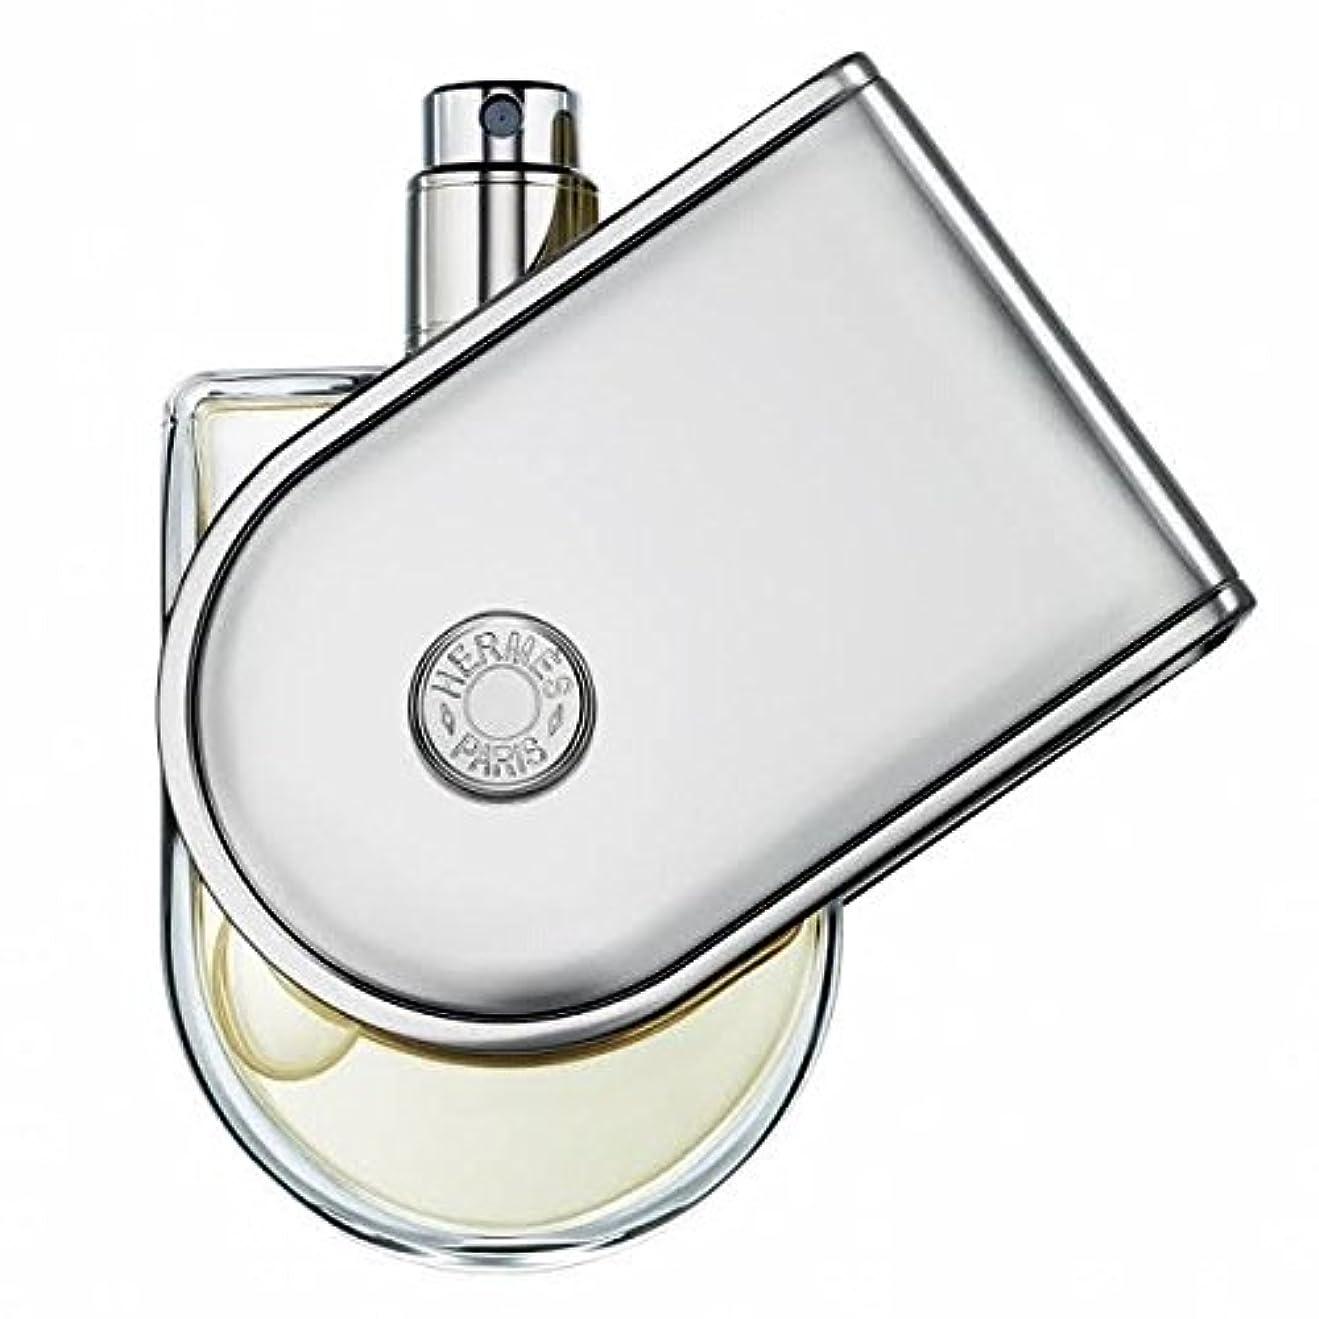 ハーブ折り目苦しみエルメス ヴォヤージュ ドゥ エルメス オードトワレ EDT ナチュラルスプレー 35mL 香水